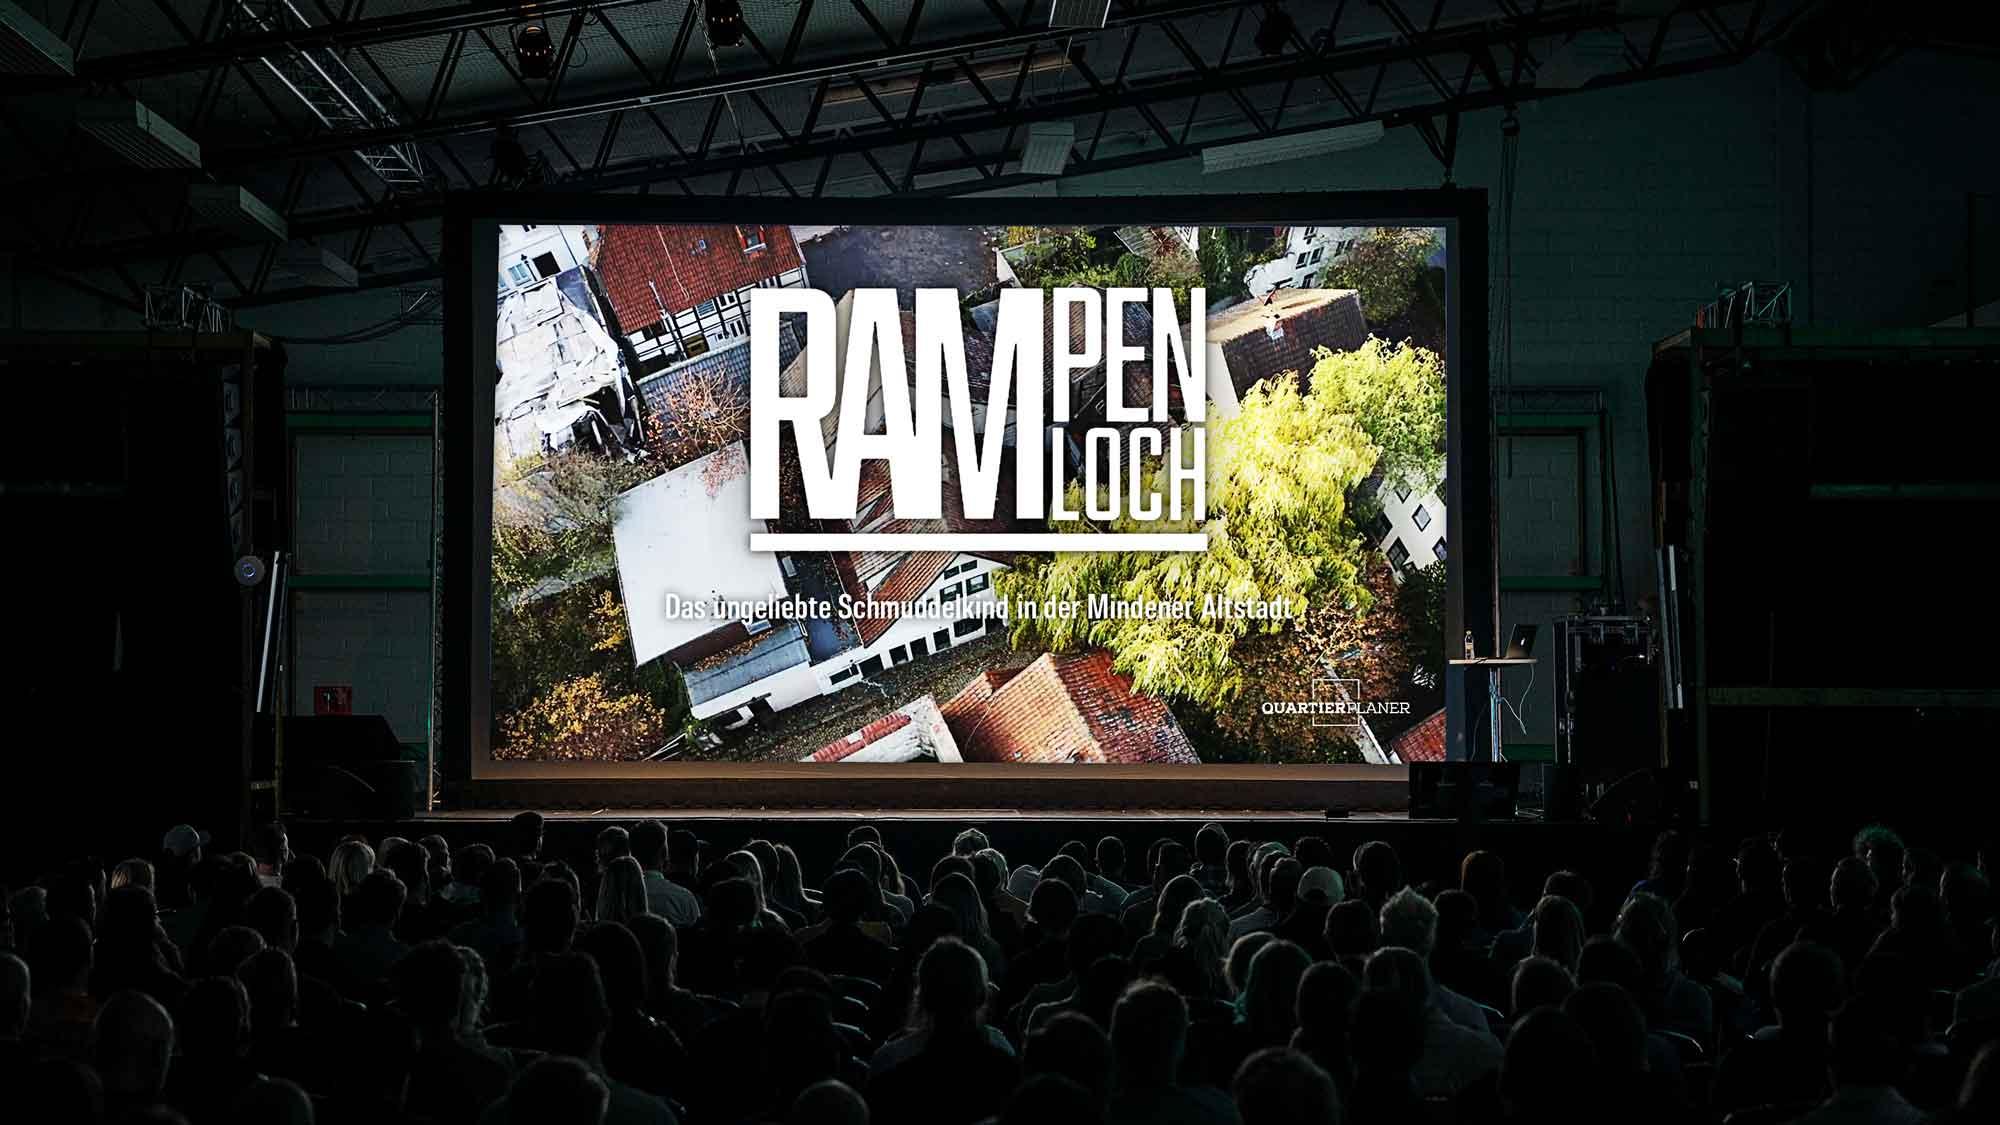 Live auf der Bühne vor Publikum: Der neue Vortrag der Quartierplaner